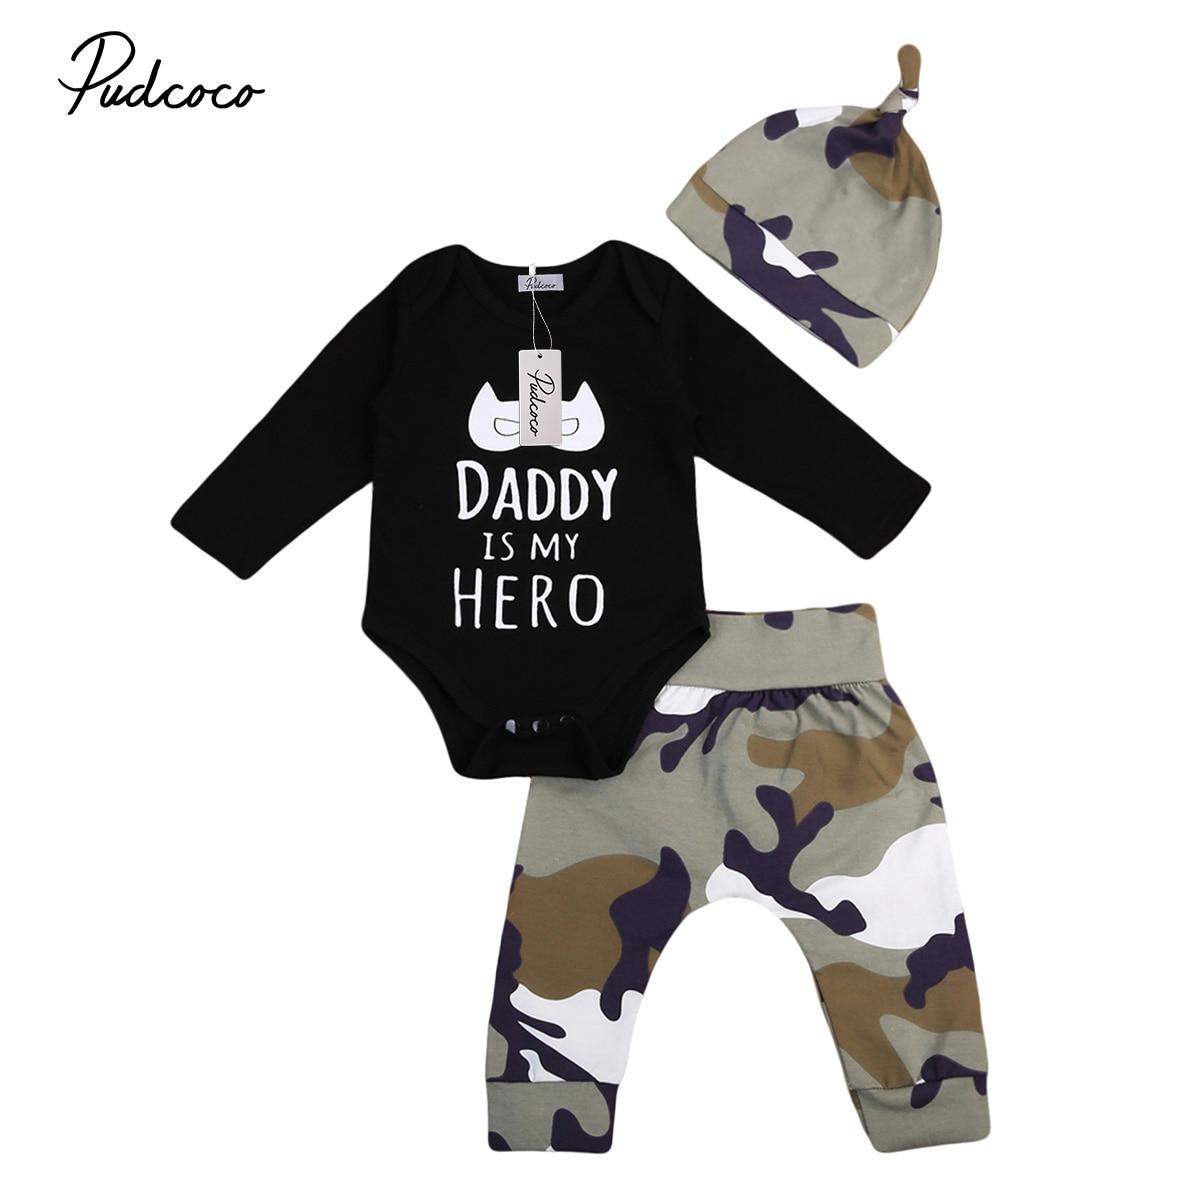 Fashion Cool Bébé Nouveau-né Bébé Garçons Filles Camouflage Barboteuse Combinaison Vêtements